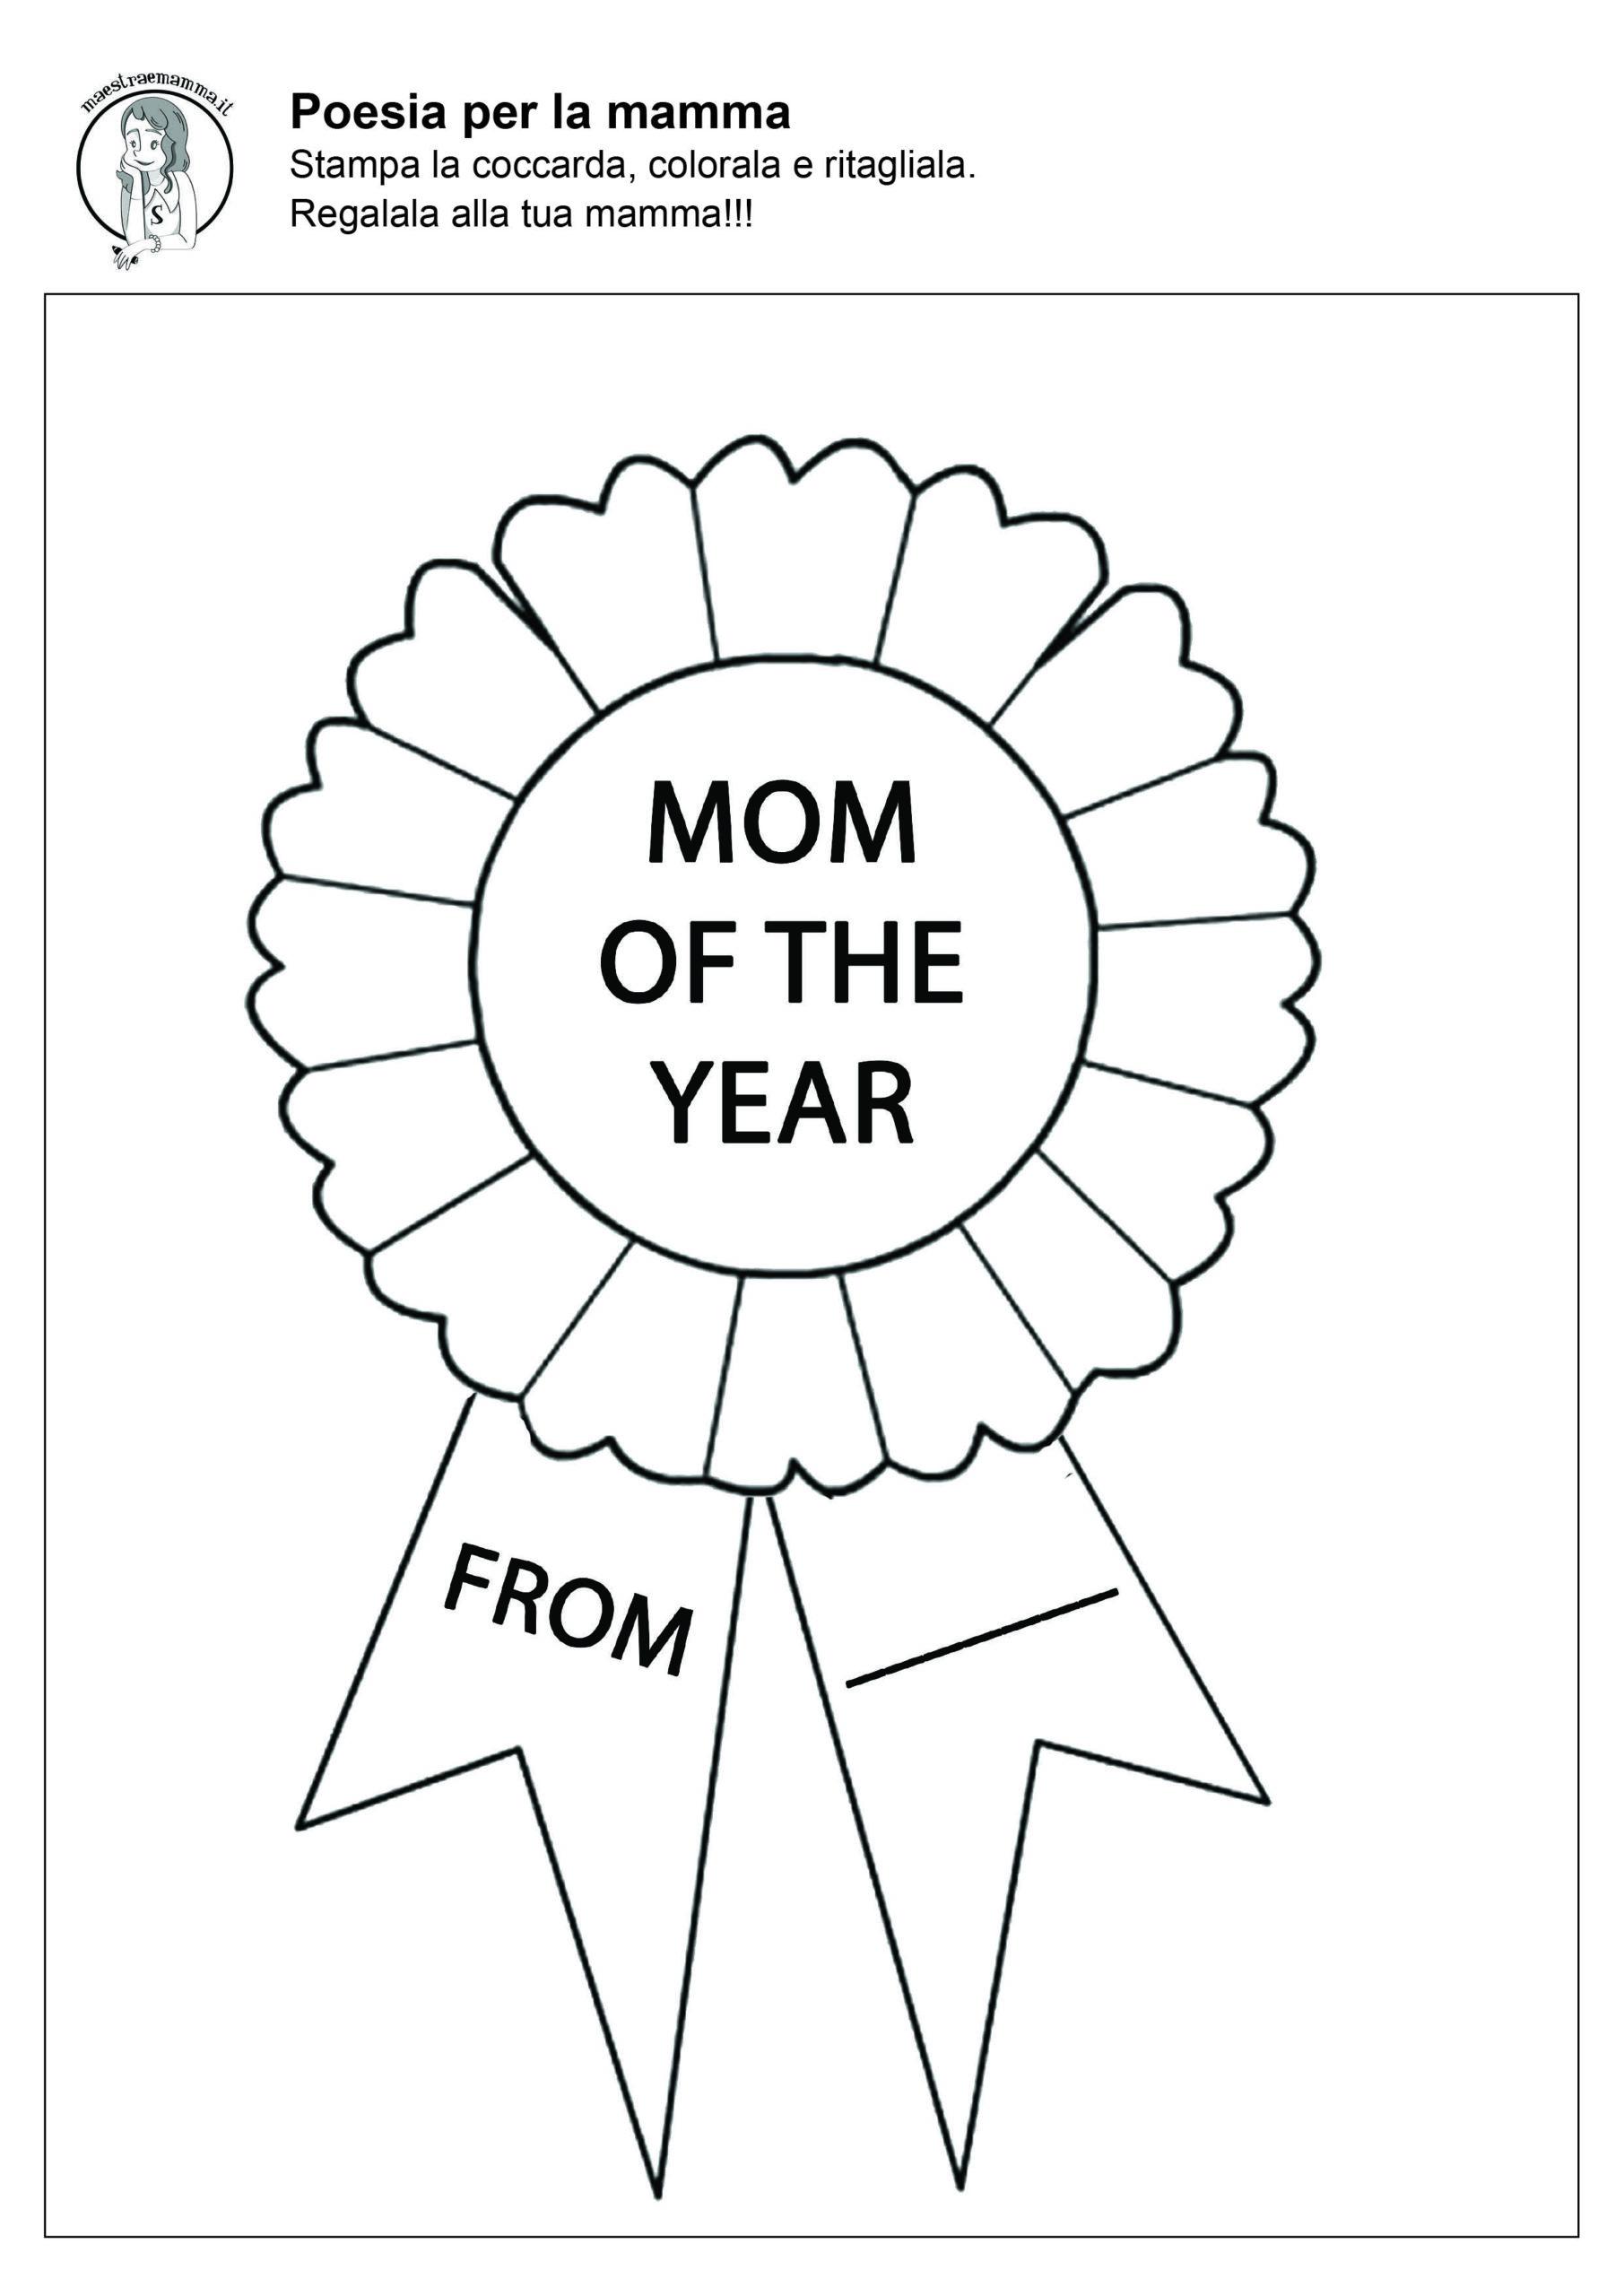 coccarda festa della mamma in bianco e nero in inglese